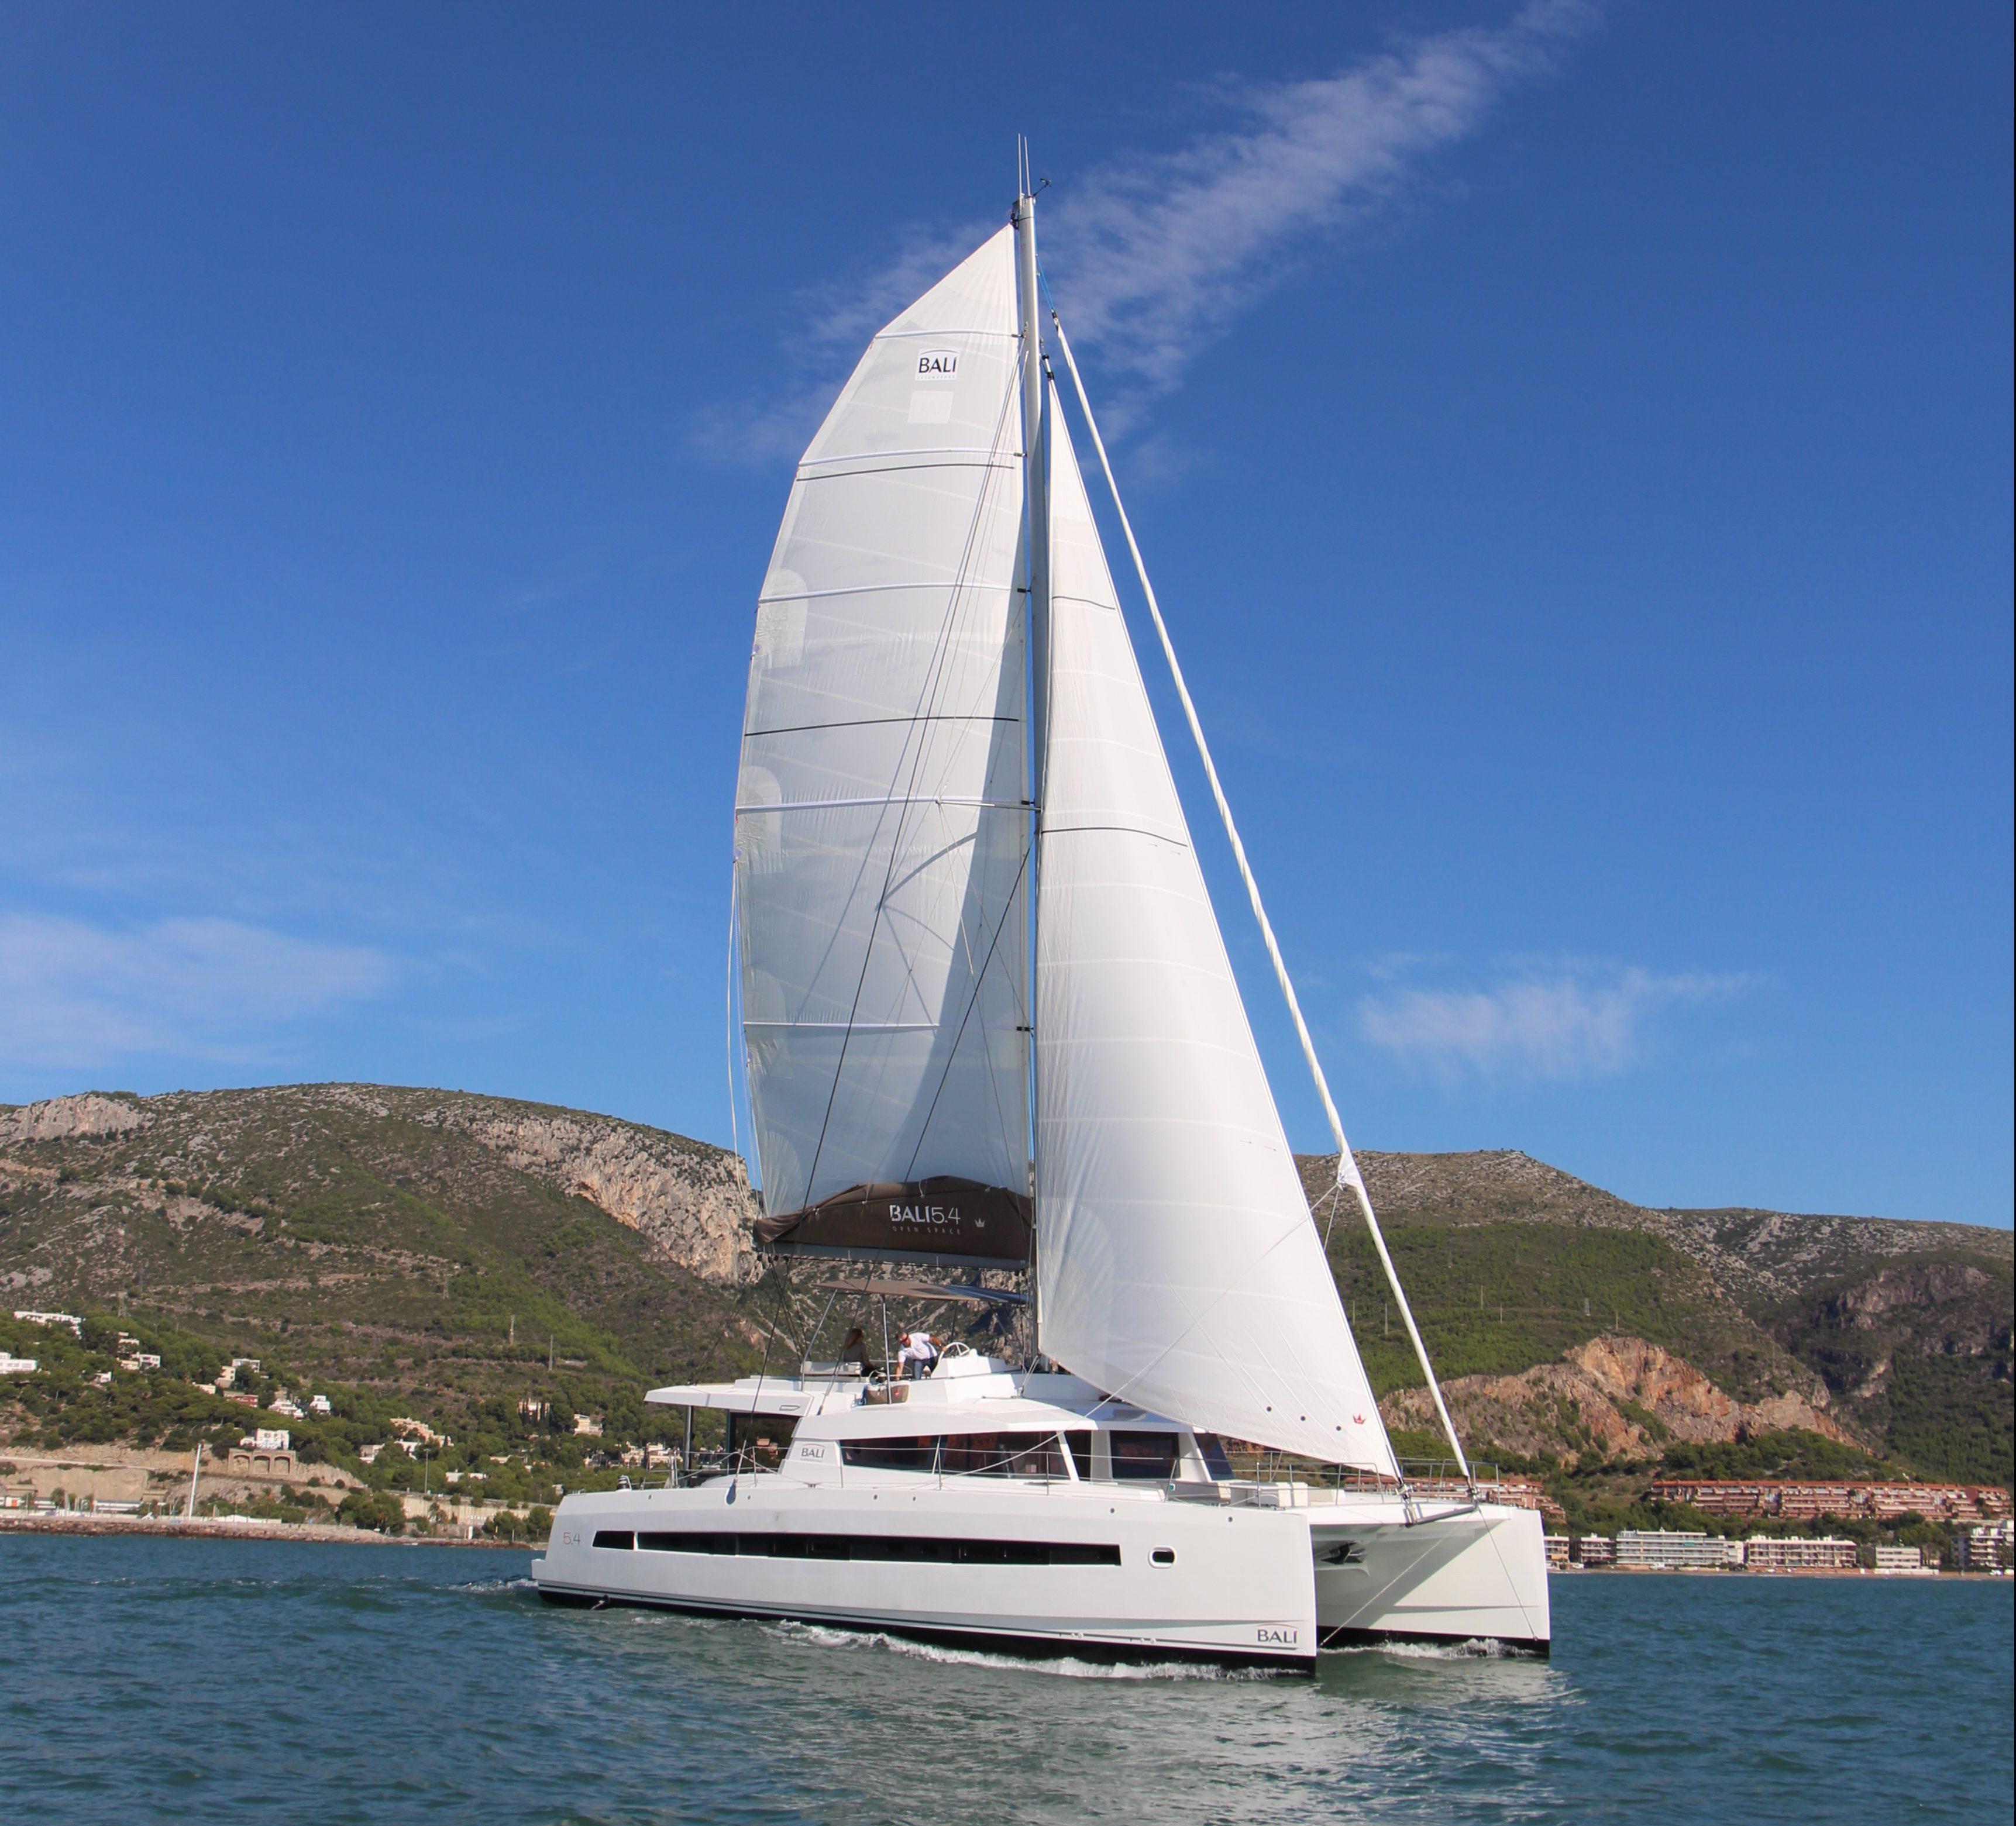 Bali 5.4 sailing